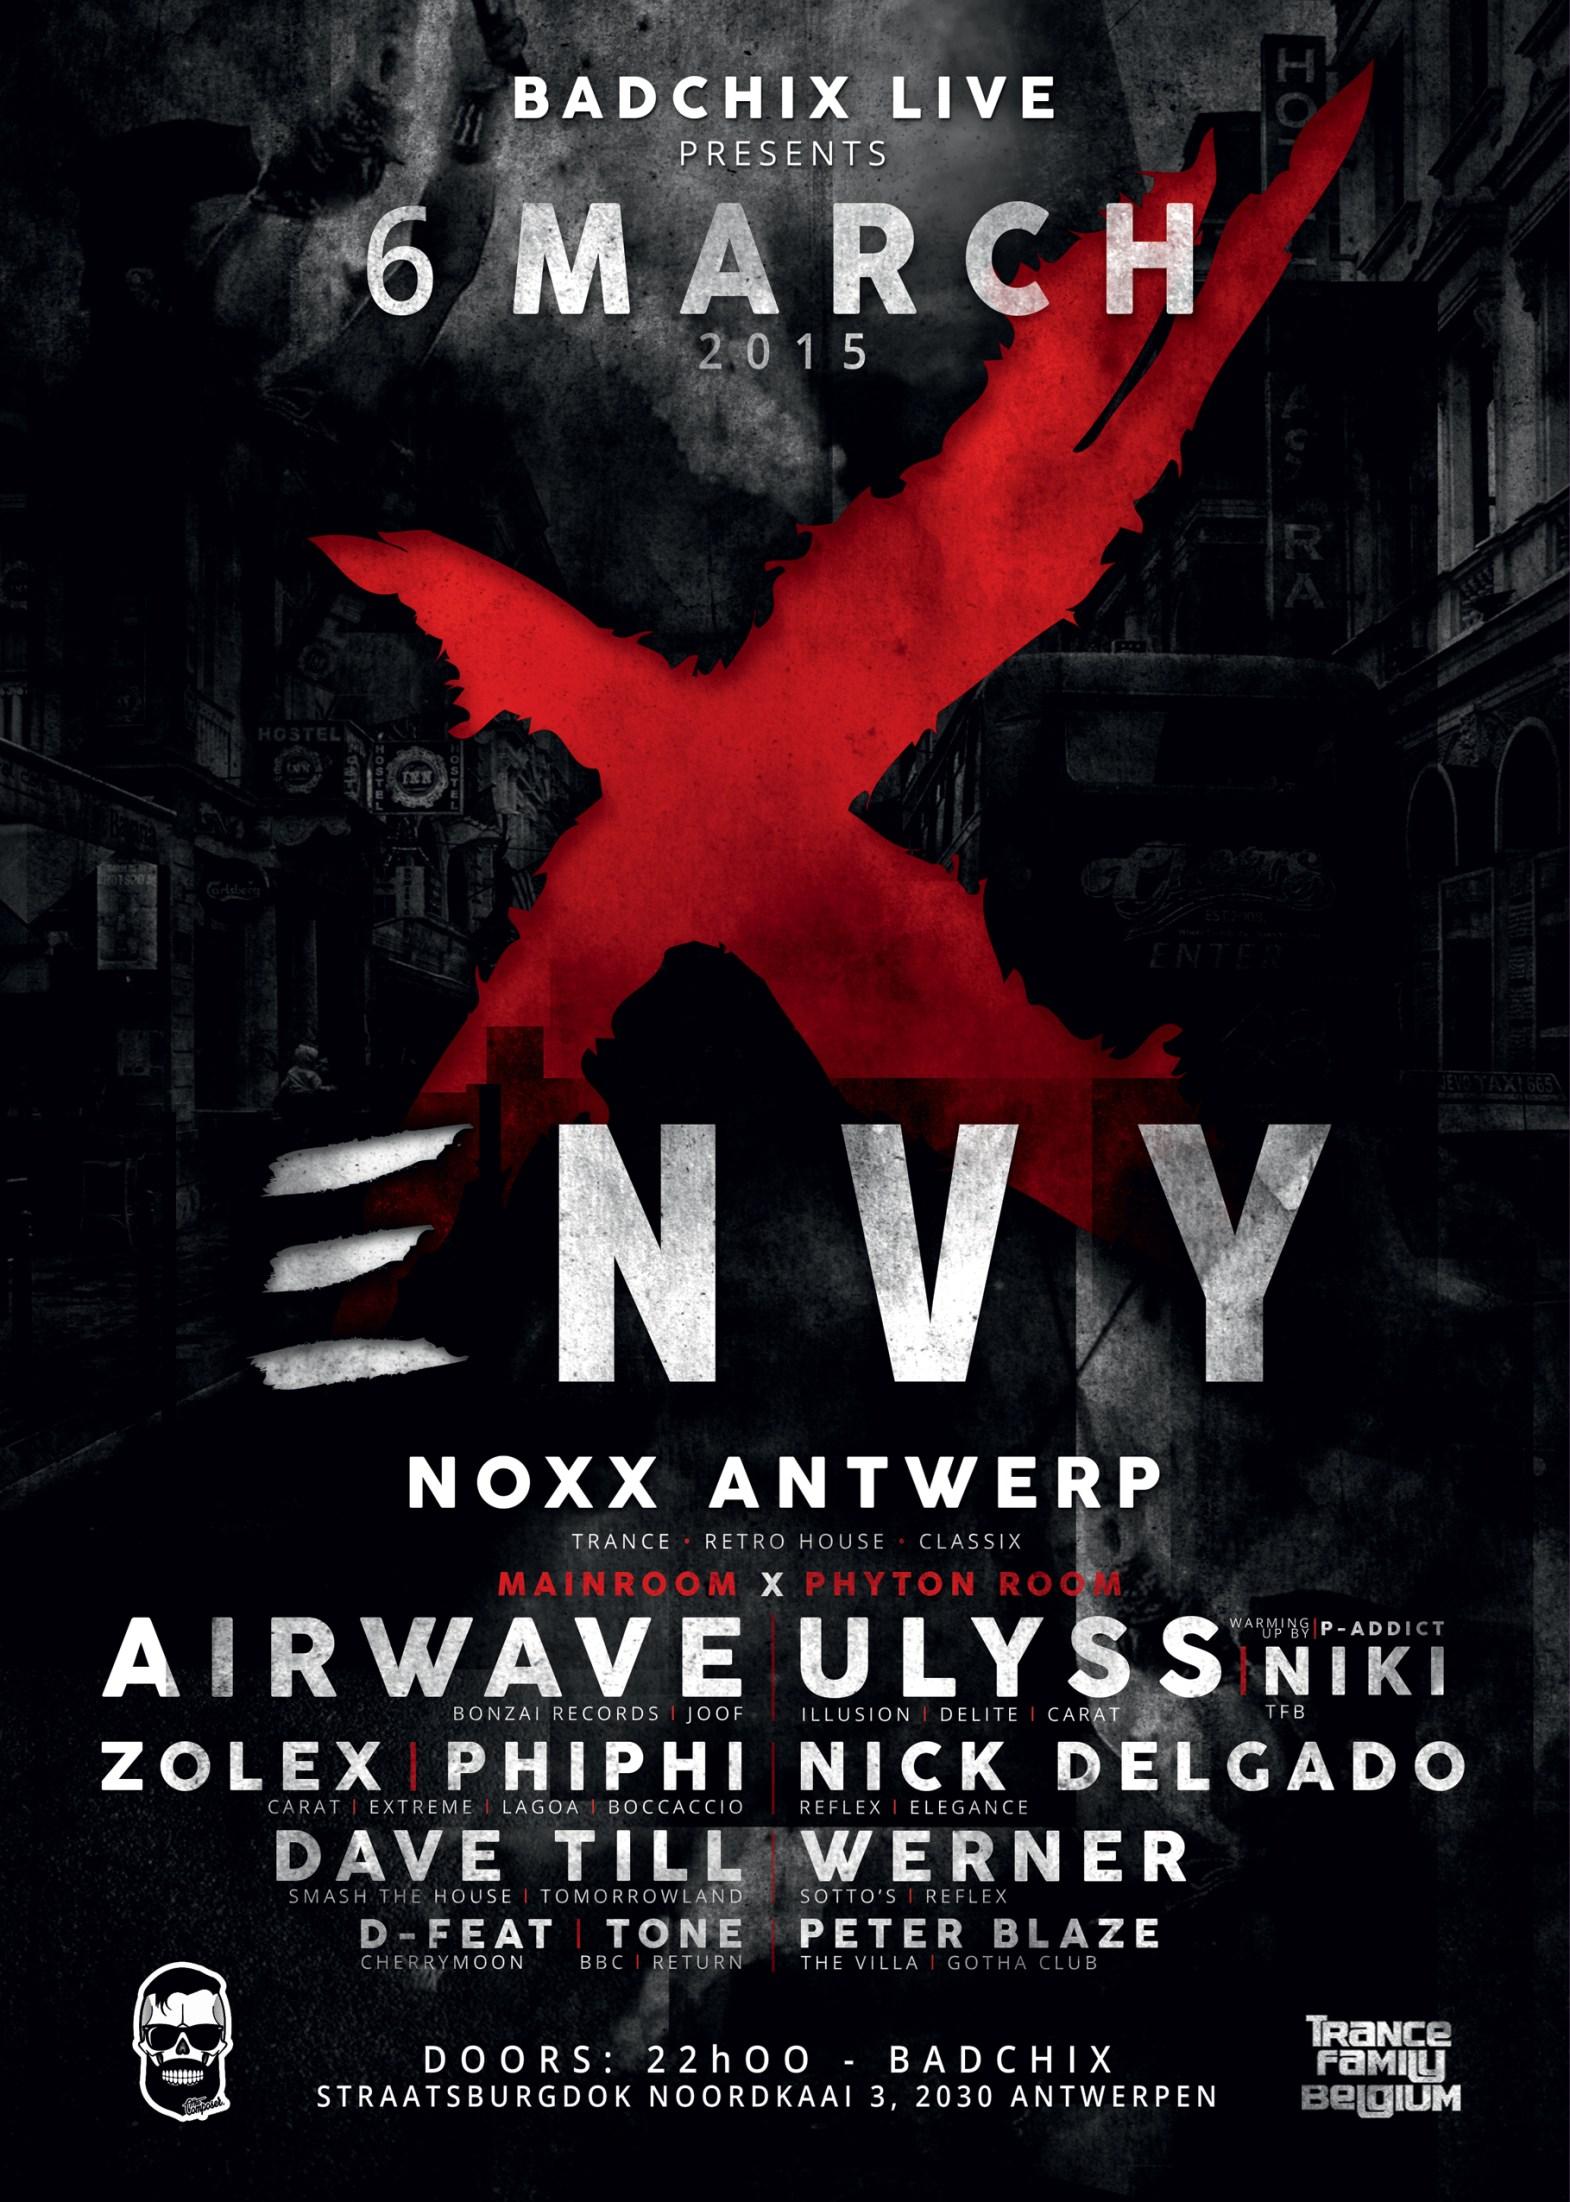 ENVY - 6 MARCH 2015 - NOXX ANTWERP 2